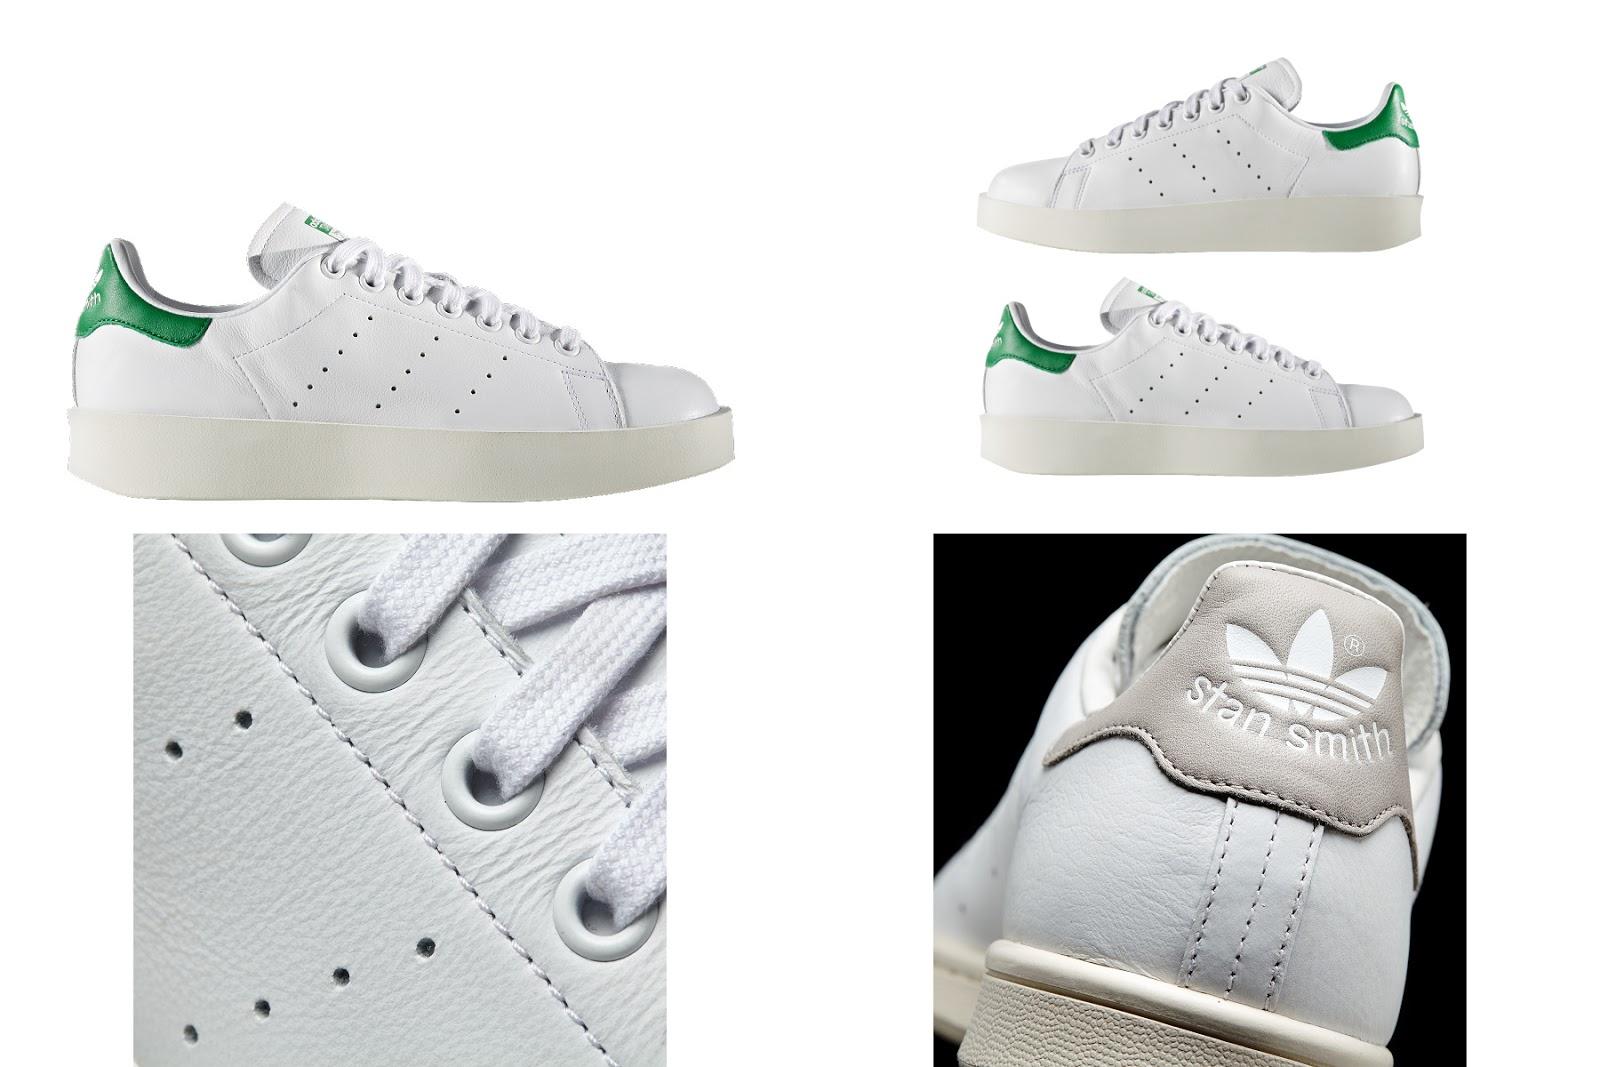 林公子生活遊記: adidas Originals Stan Smith 2017春夏男女裝鞋款系列 延續Stan Smith 簡約設計 注入夏日格調